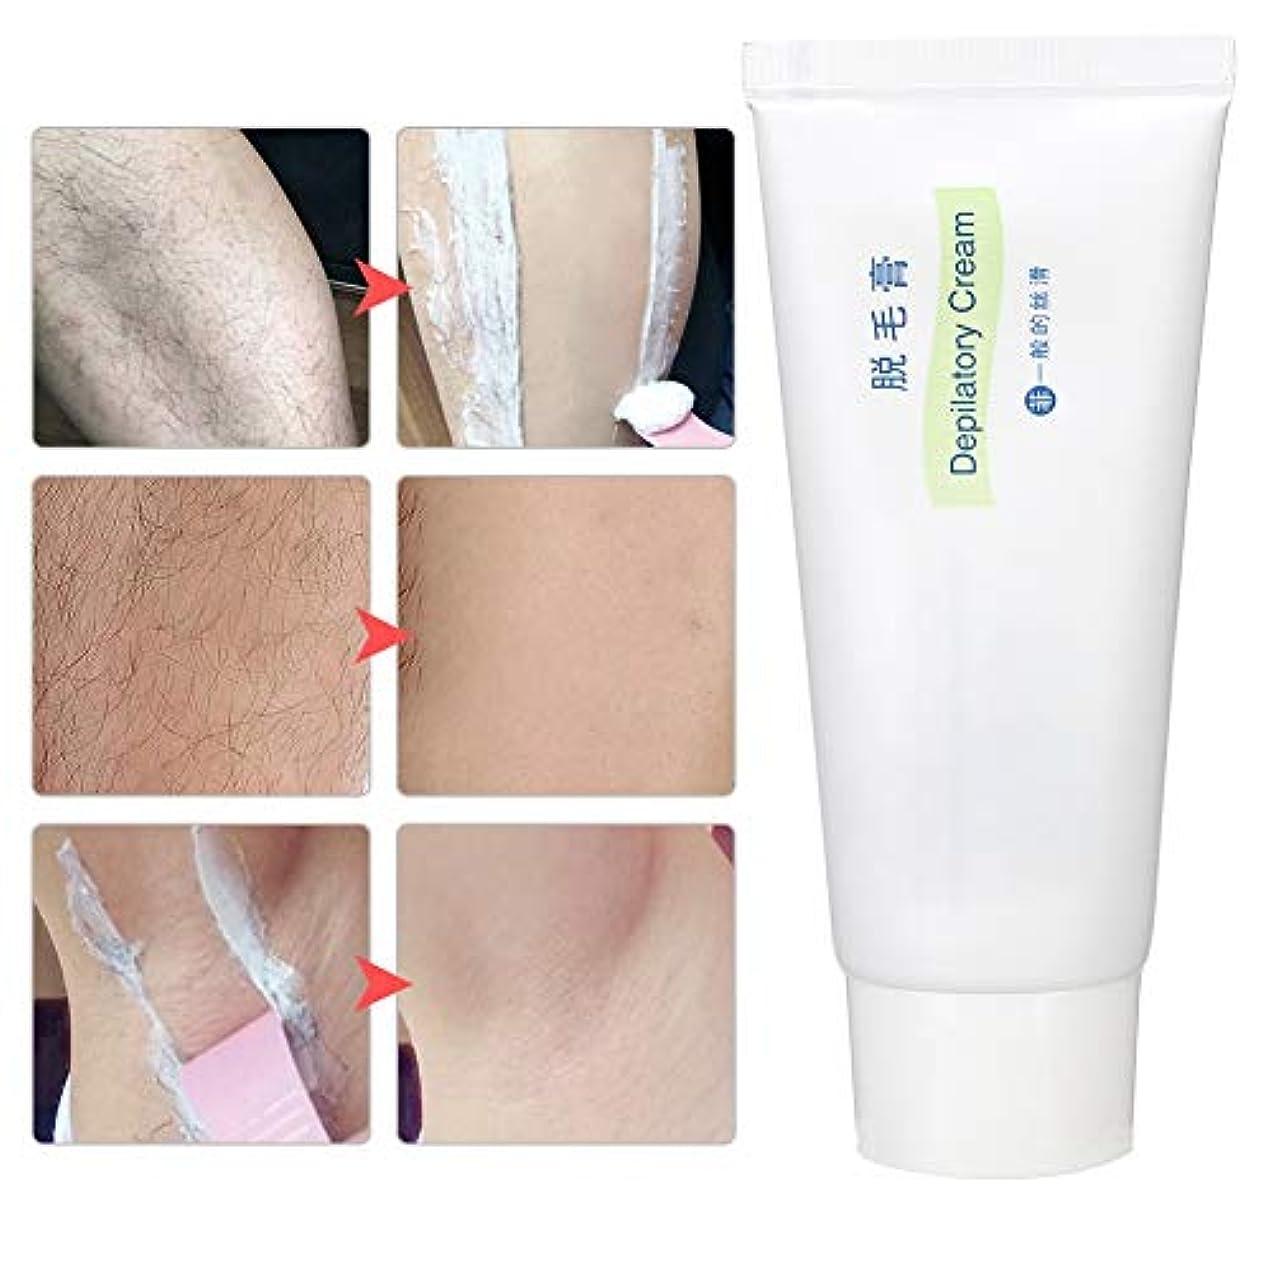 告発追放する確実60g脱毛クリーム、穏やかで痛みのない脱毛クリーム、ボディ脇の下の脚のビキニエリアの皮膚脱毛剤シンプルで高速。